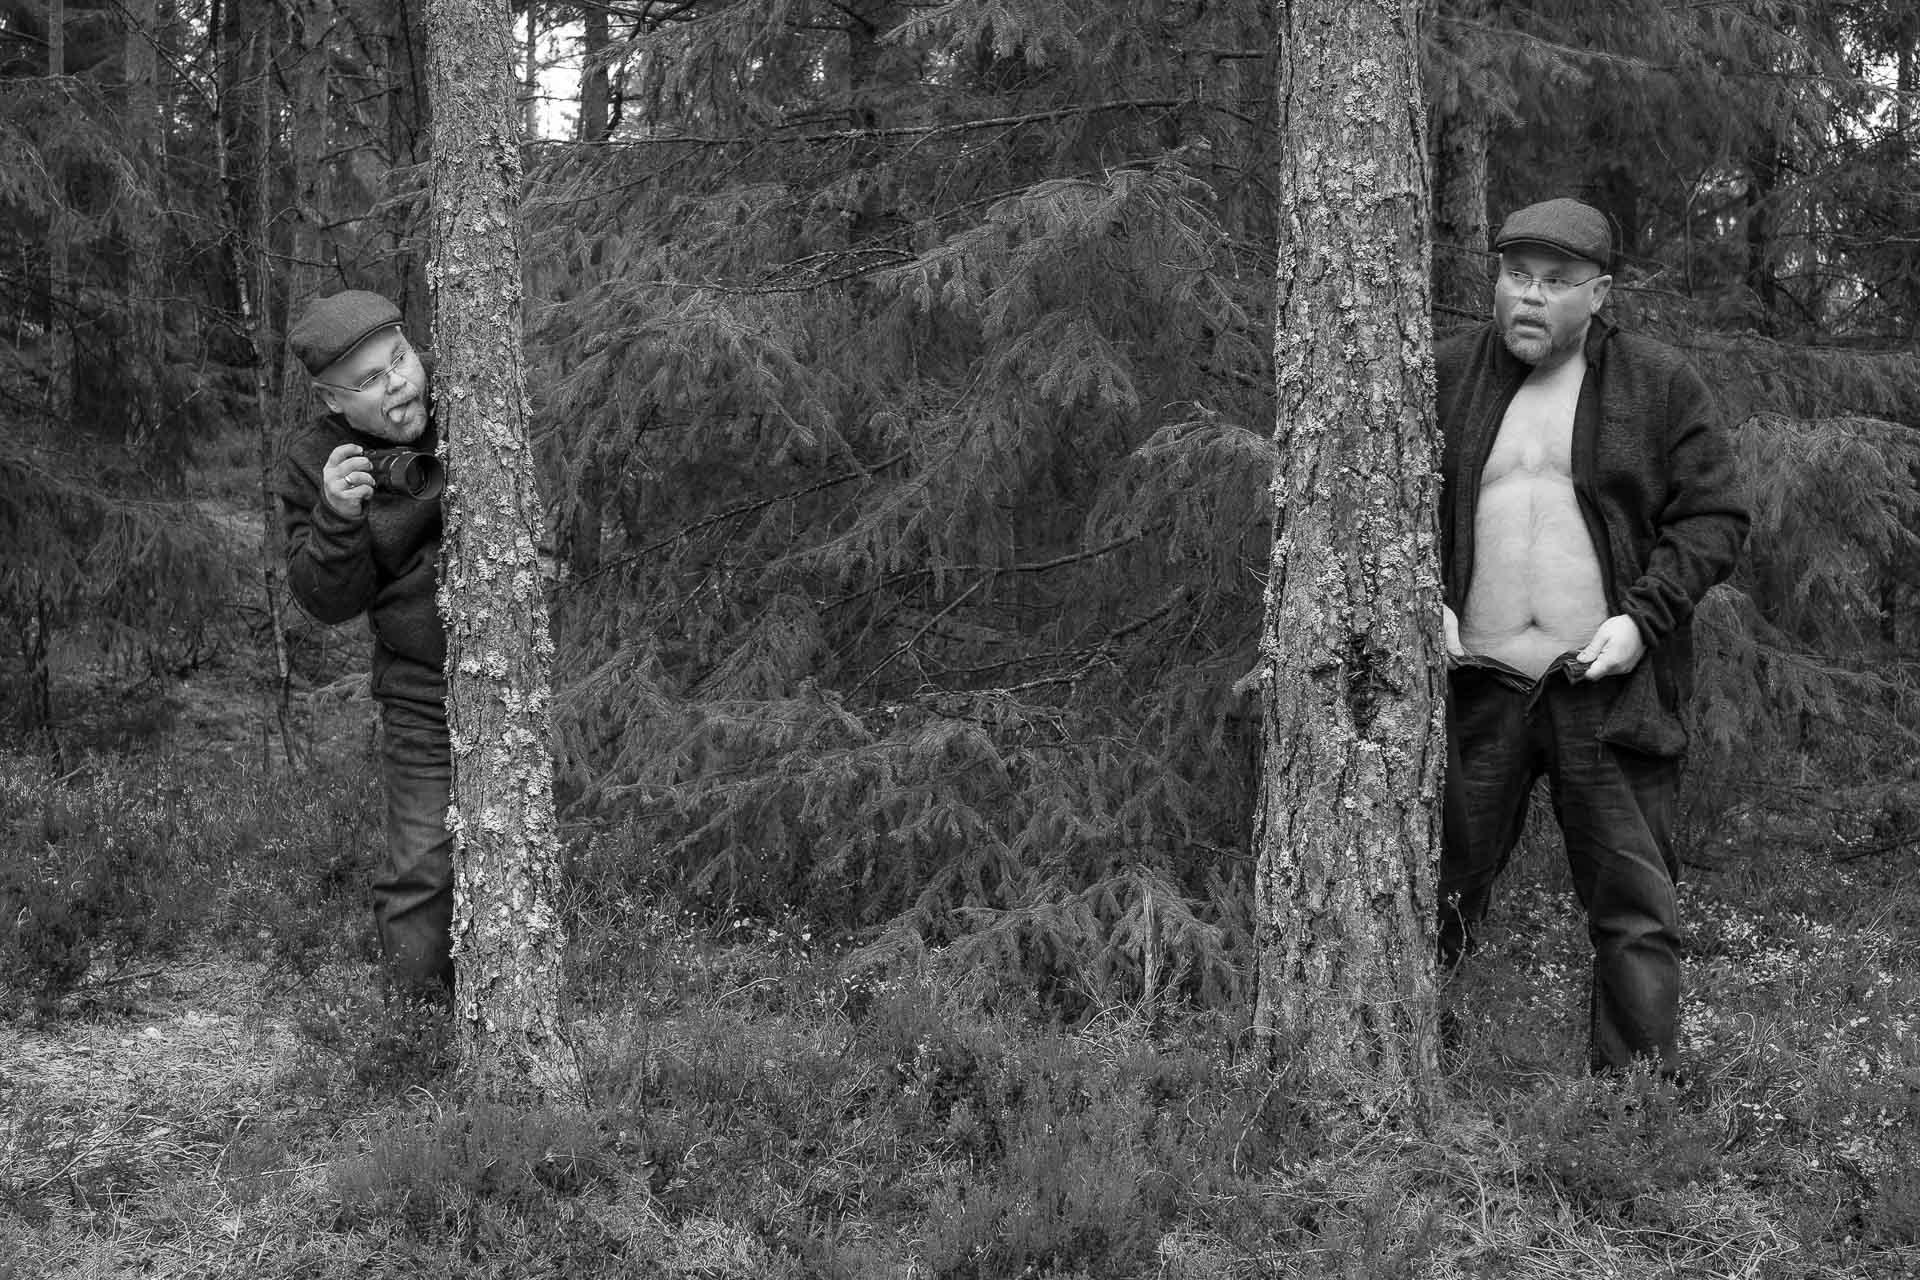 1.plass - Vidar Samuelsen - Fotografen, den gamle grisen!